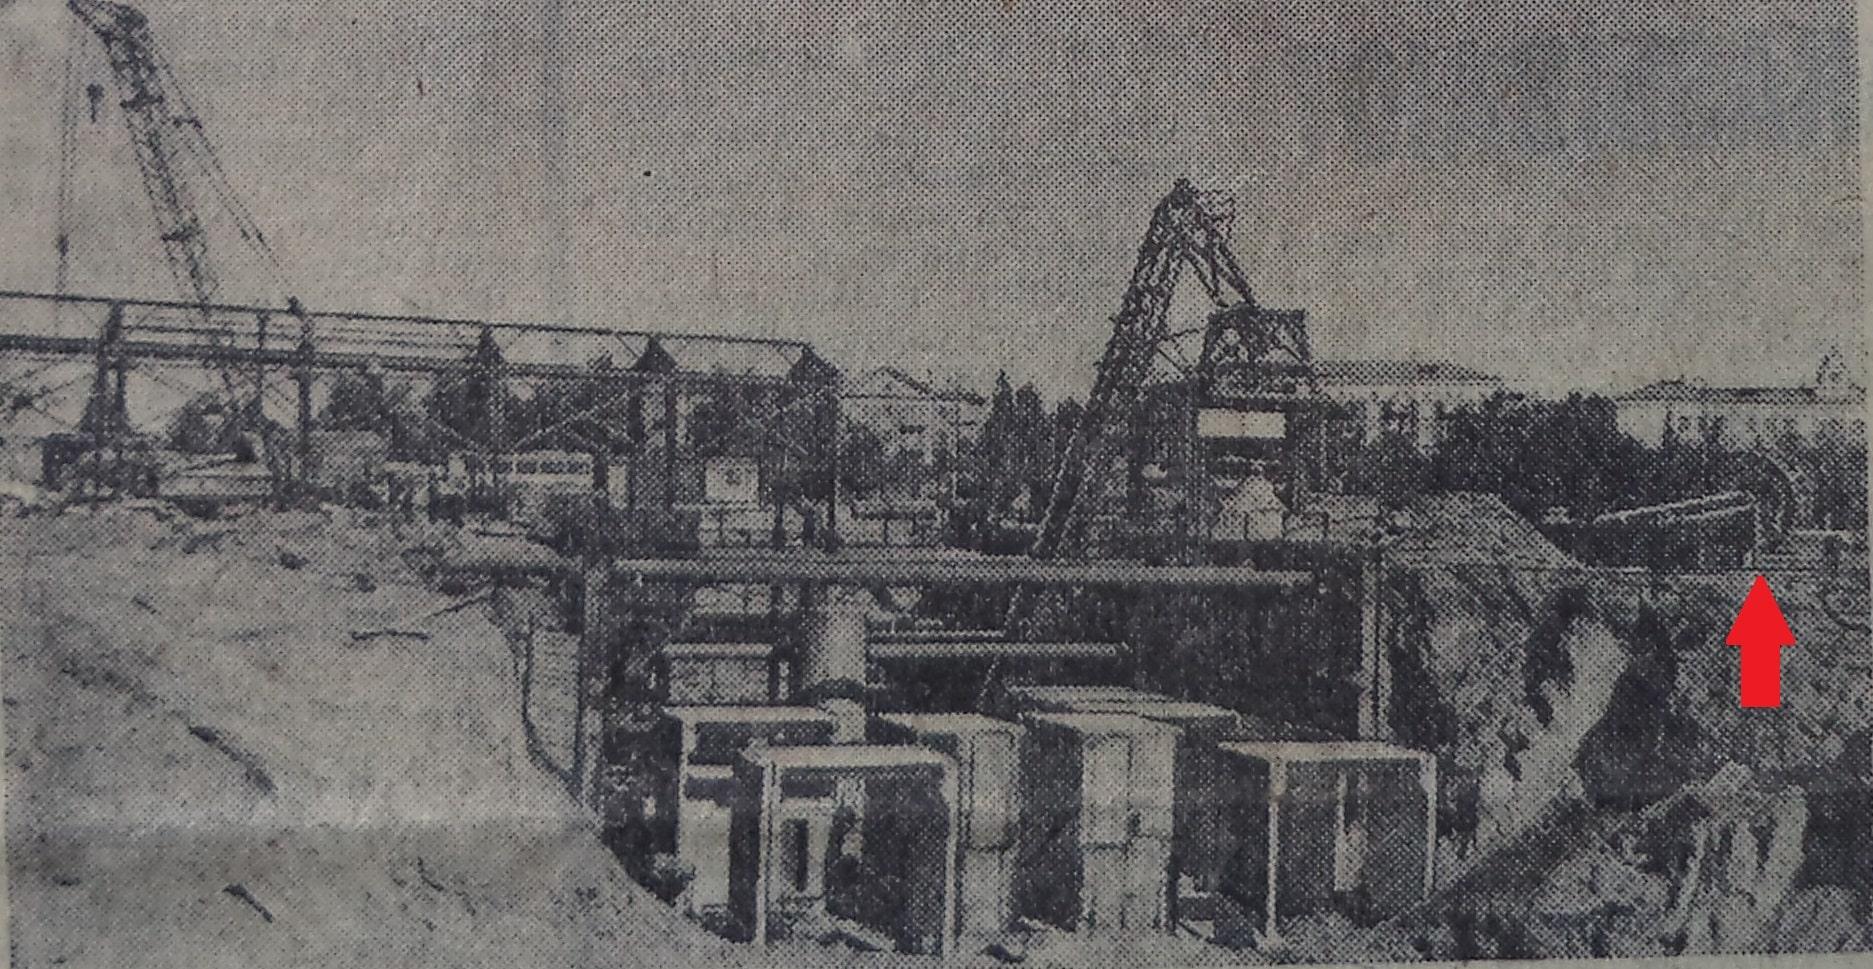 Рыночная-ФОТО-14-ВЗя-1982-06-29-текущие дела Метростроя-min